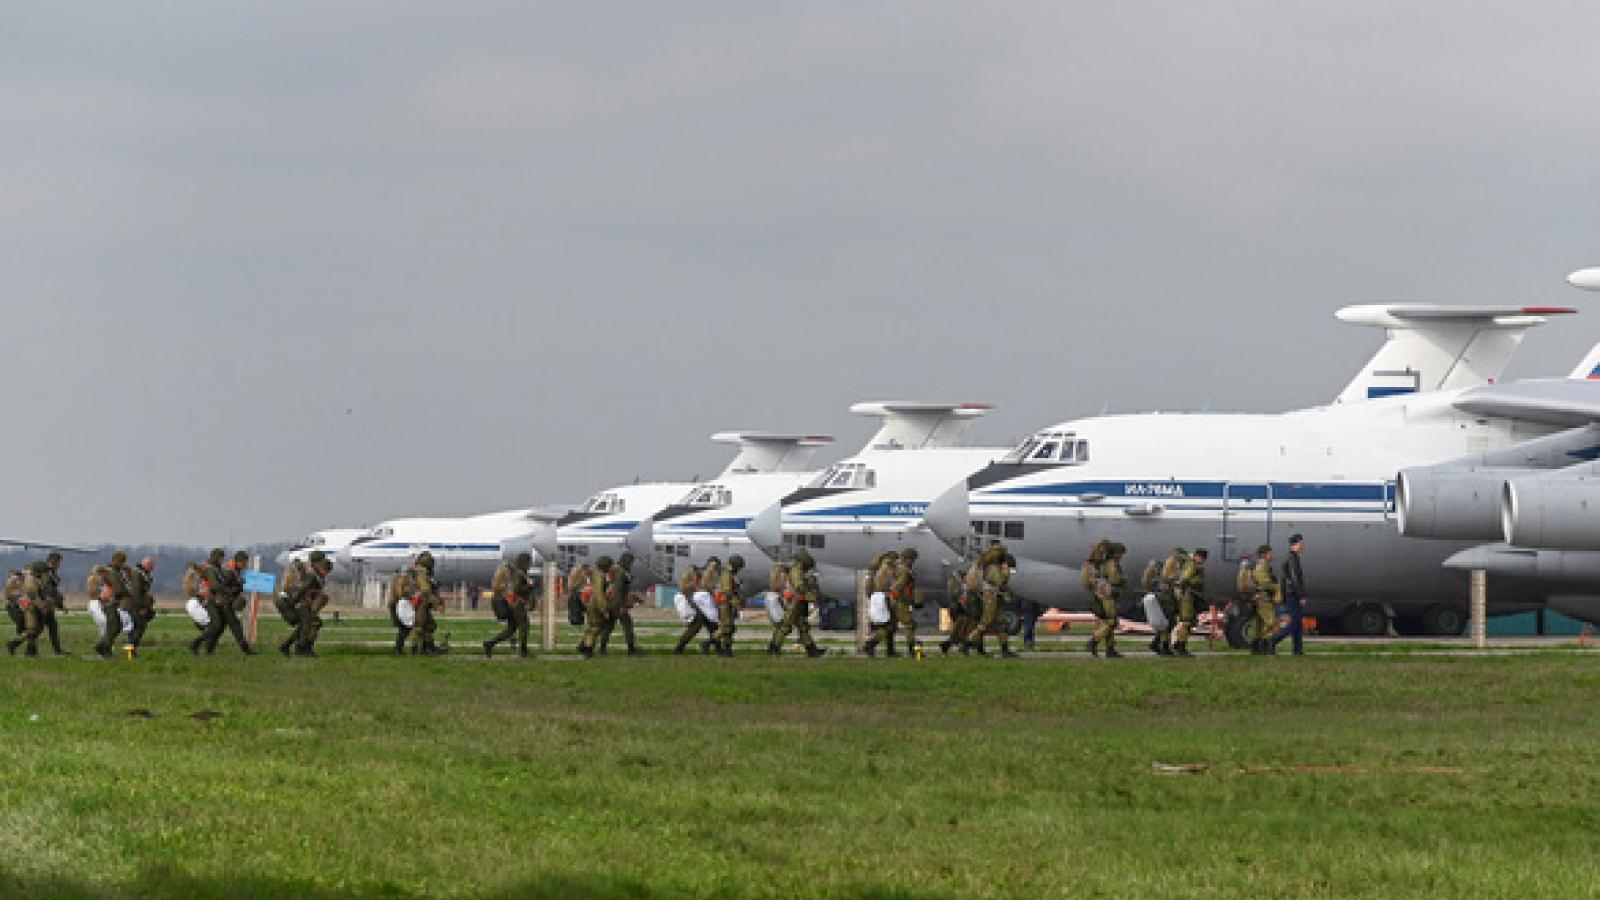 Liên Hợp Quốc hoan nghênh Nga rút quân khỏi biên giới Ukraine